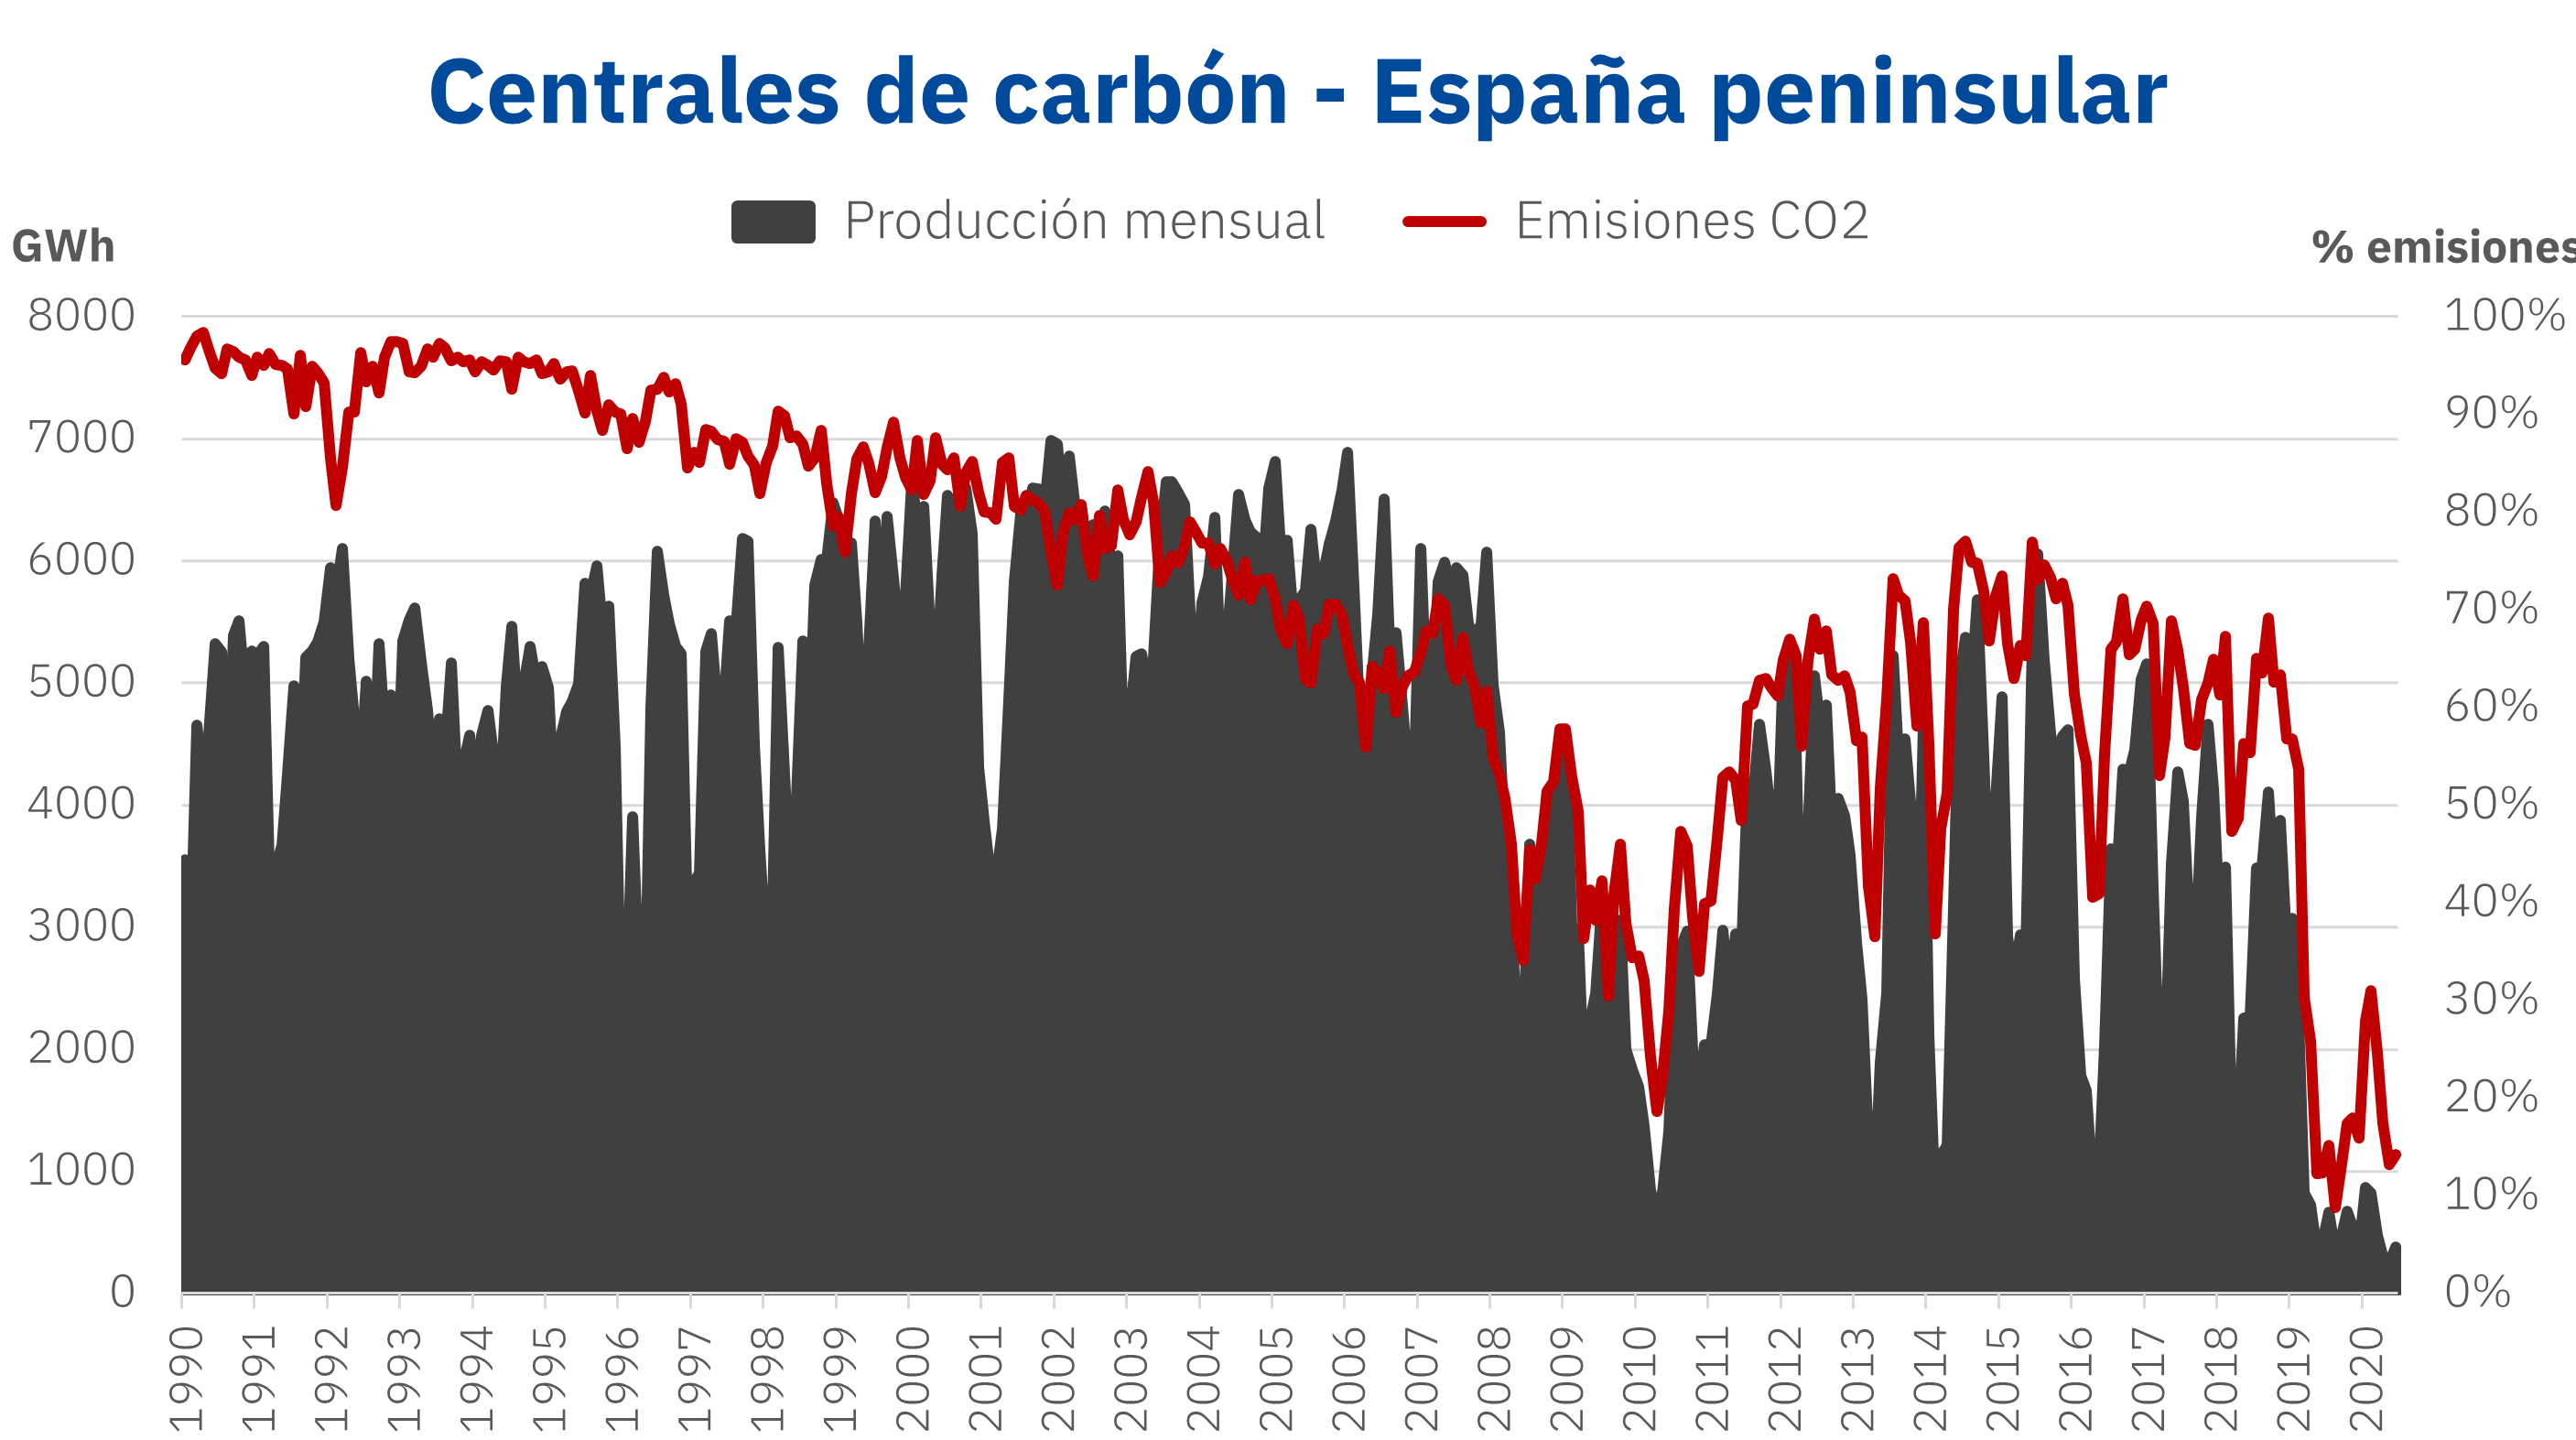 AleaSoft: El cierre del carbón: paso inevitable hacia la transición energética